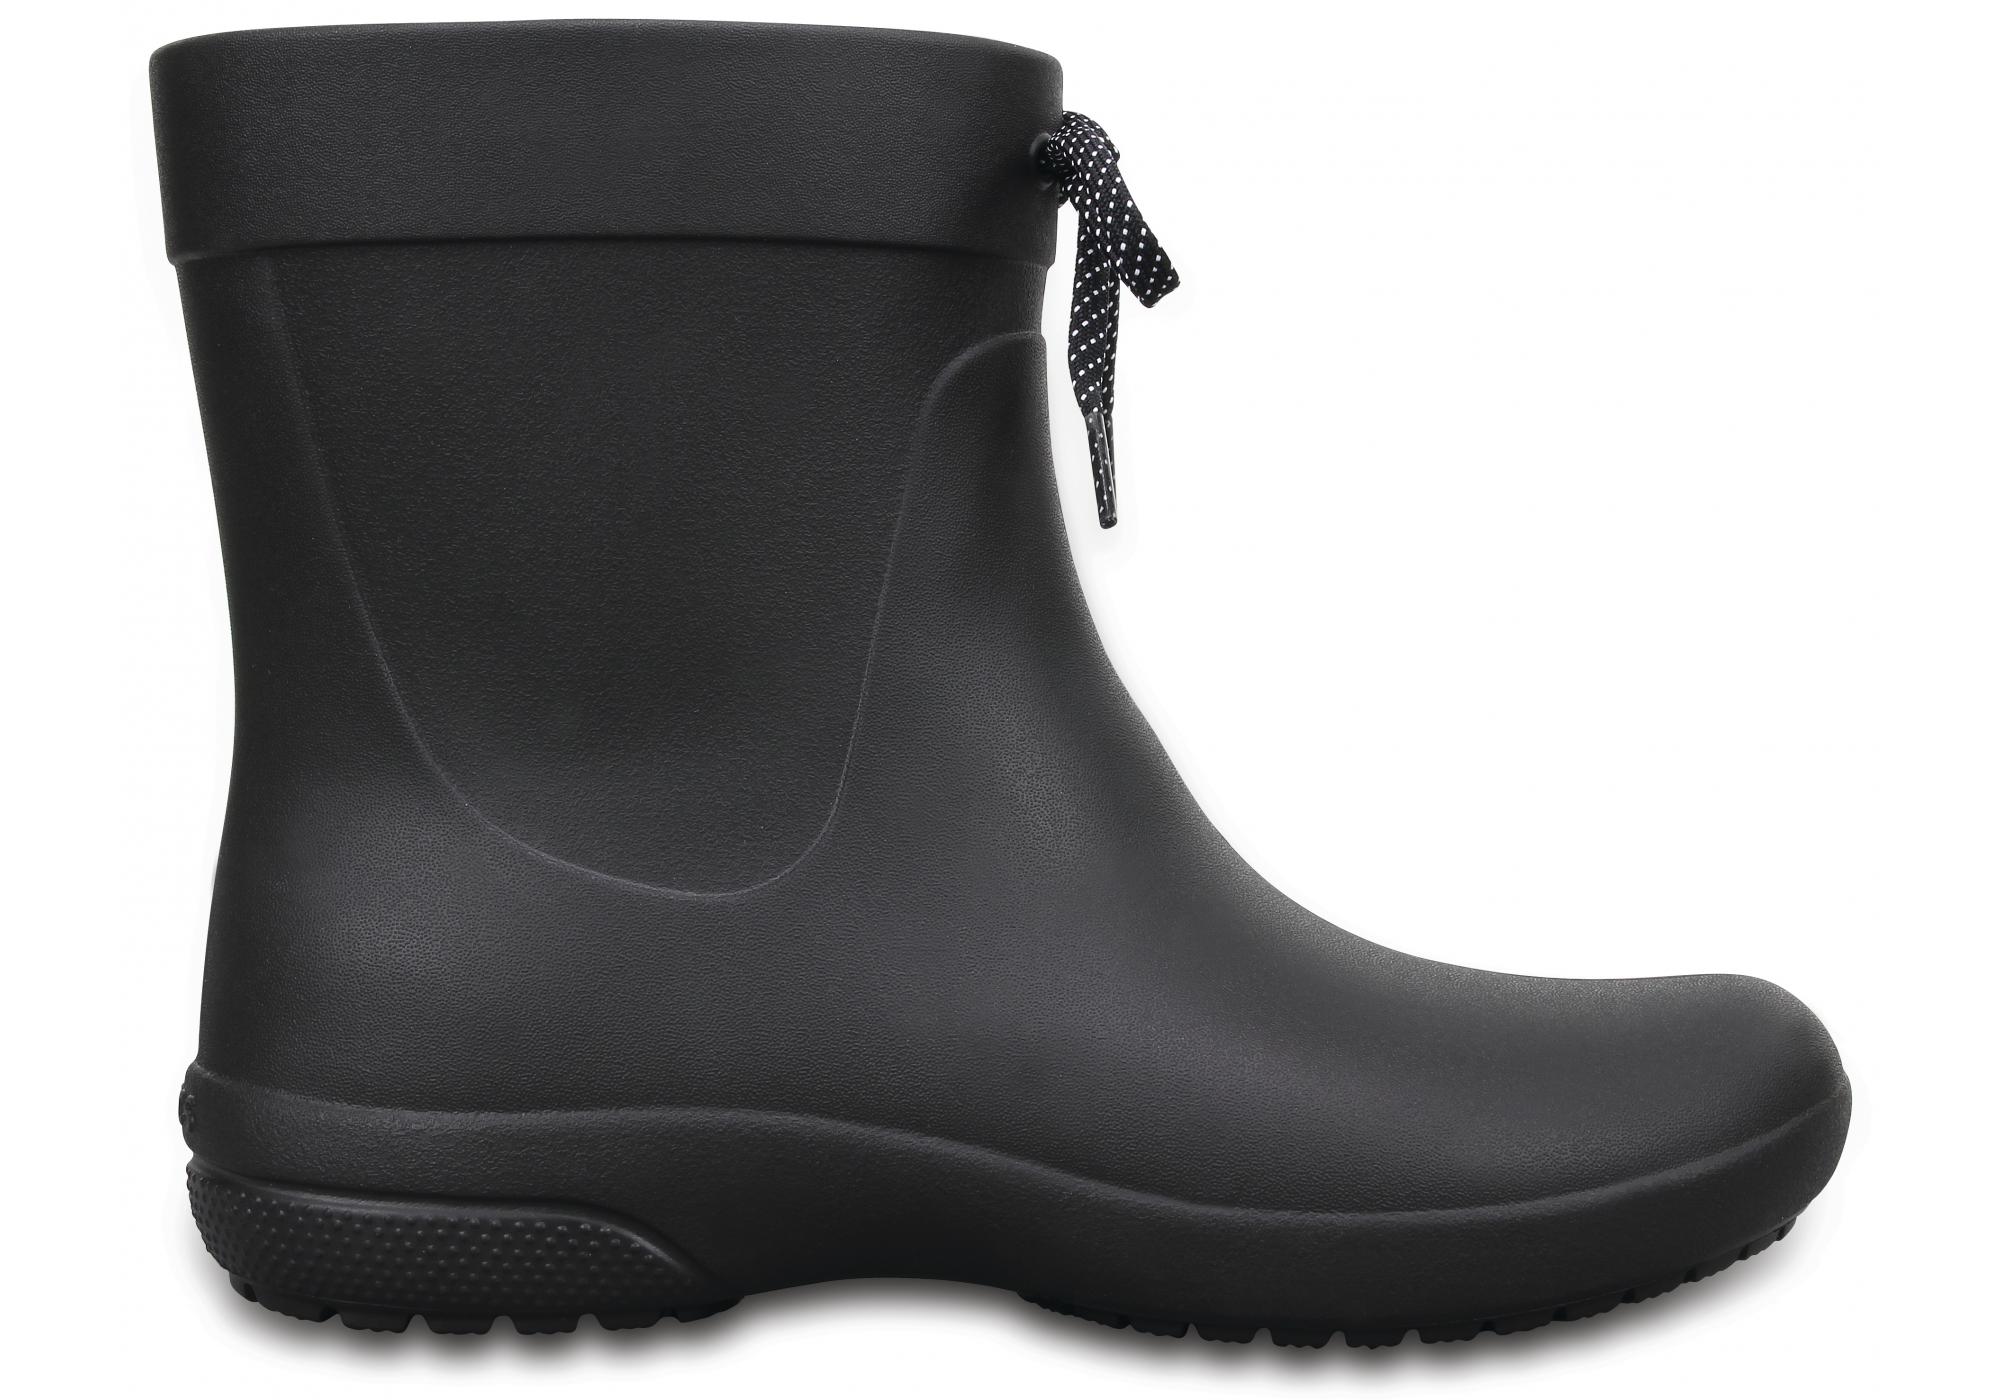 c6e4fef47 Značkové oblečenie, topánky a módne doplnky | Urbanlux